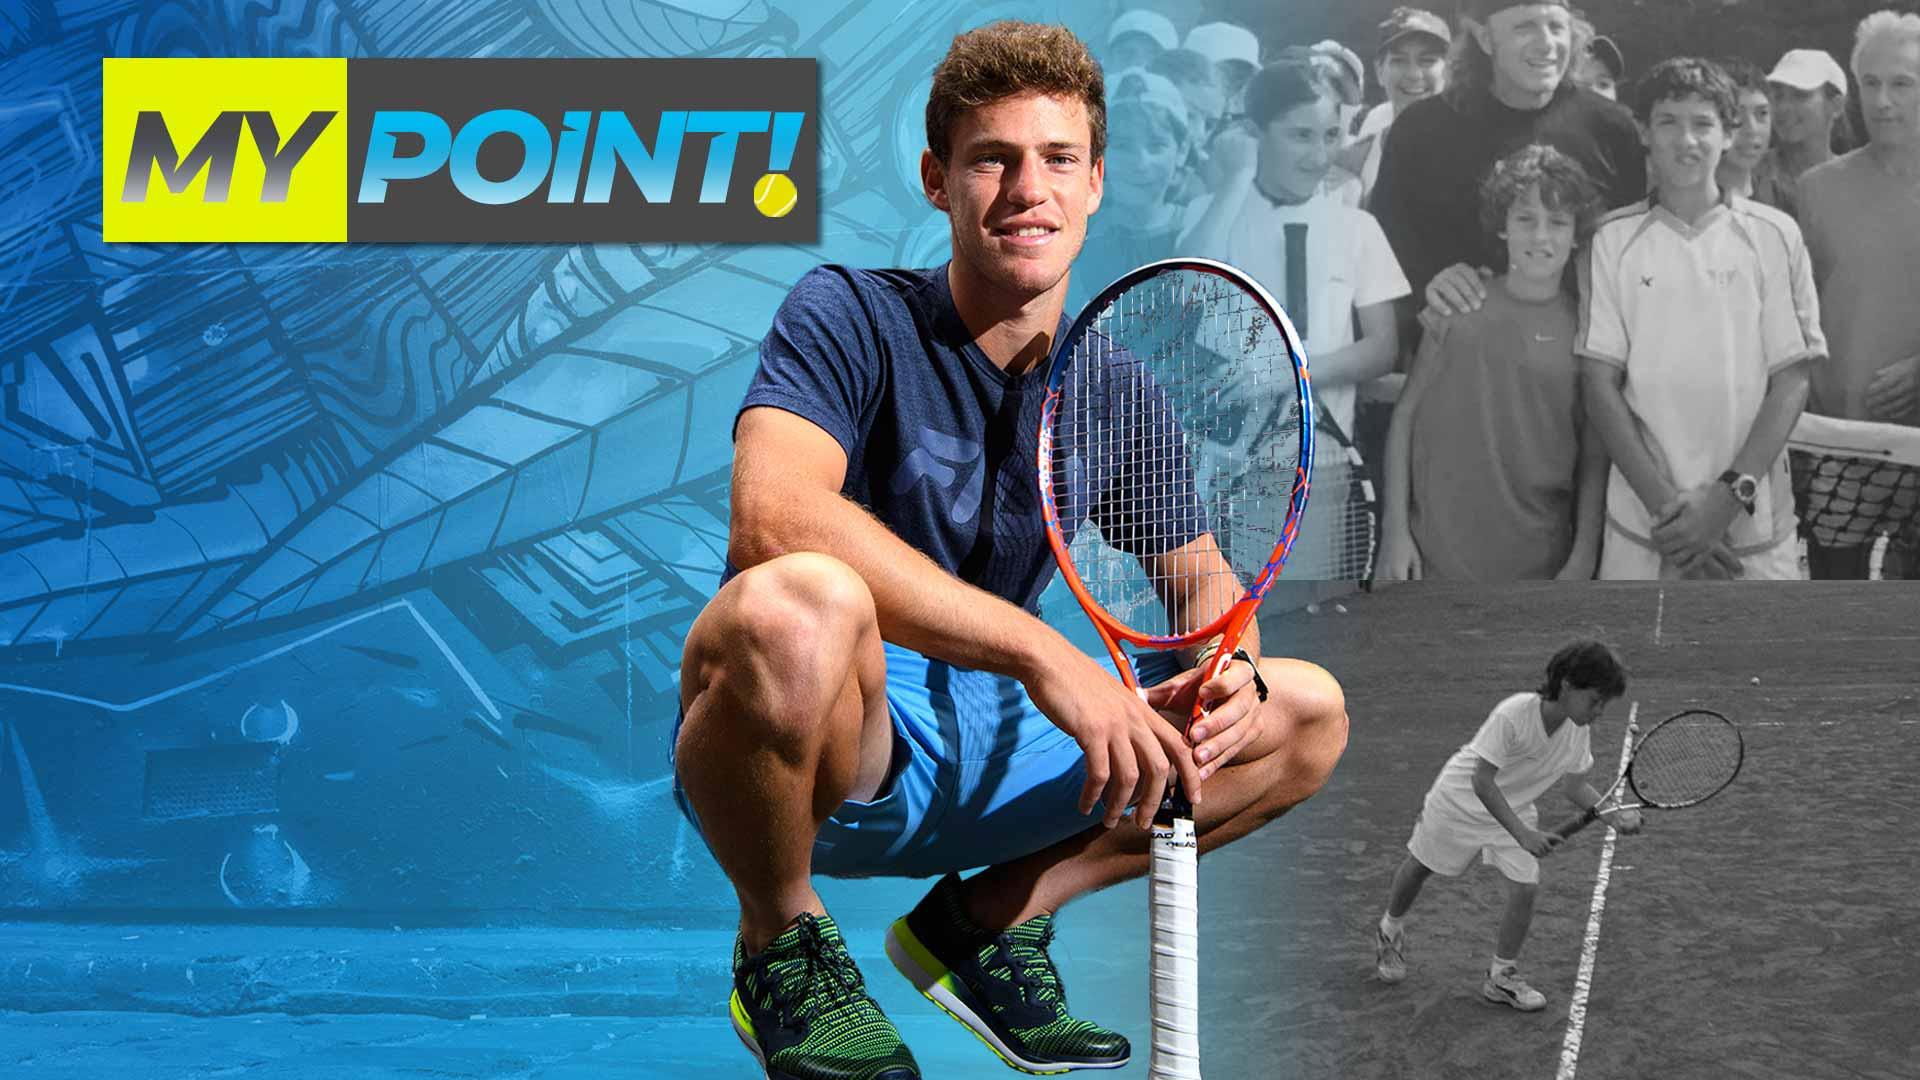 Atp Tour Australian Open Diego Schwartzman Why Height Doesn T Define Me Atp Tour The Union Journal